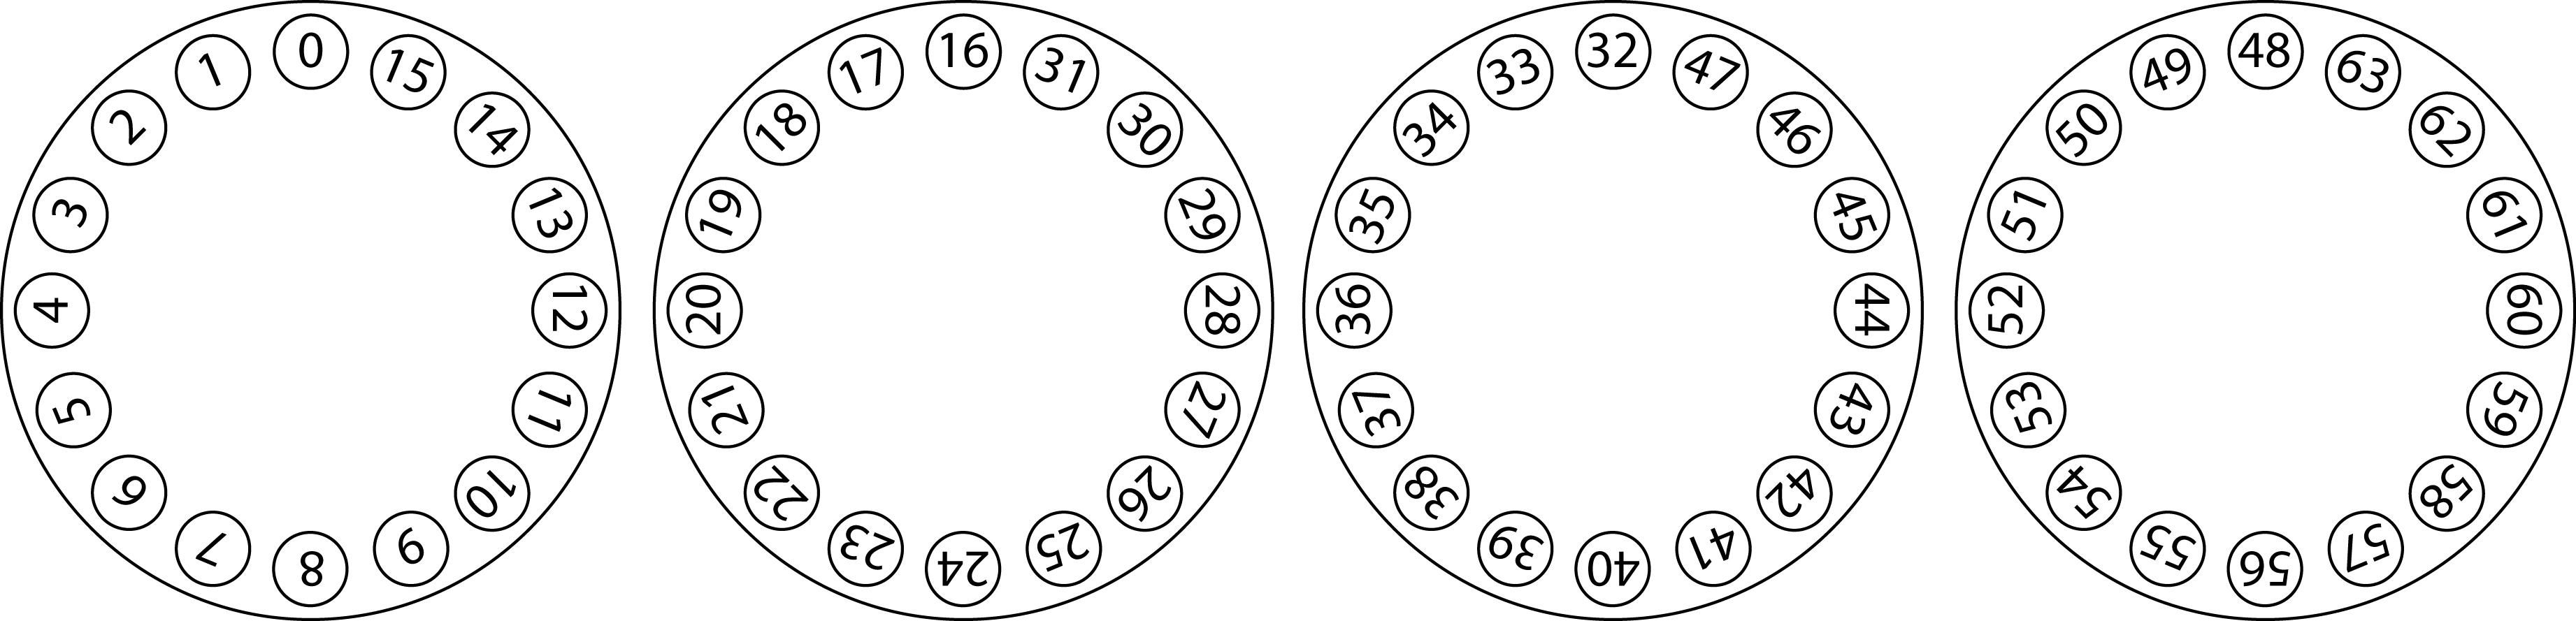 flora_neopixel_rings.jpg